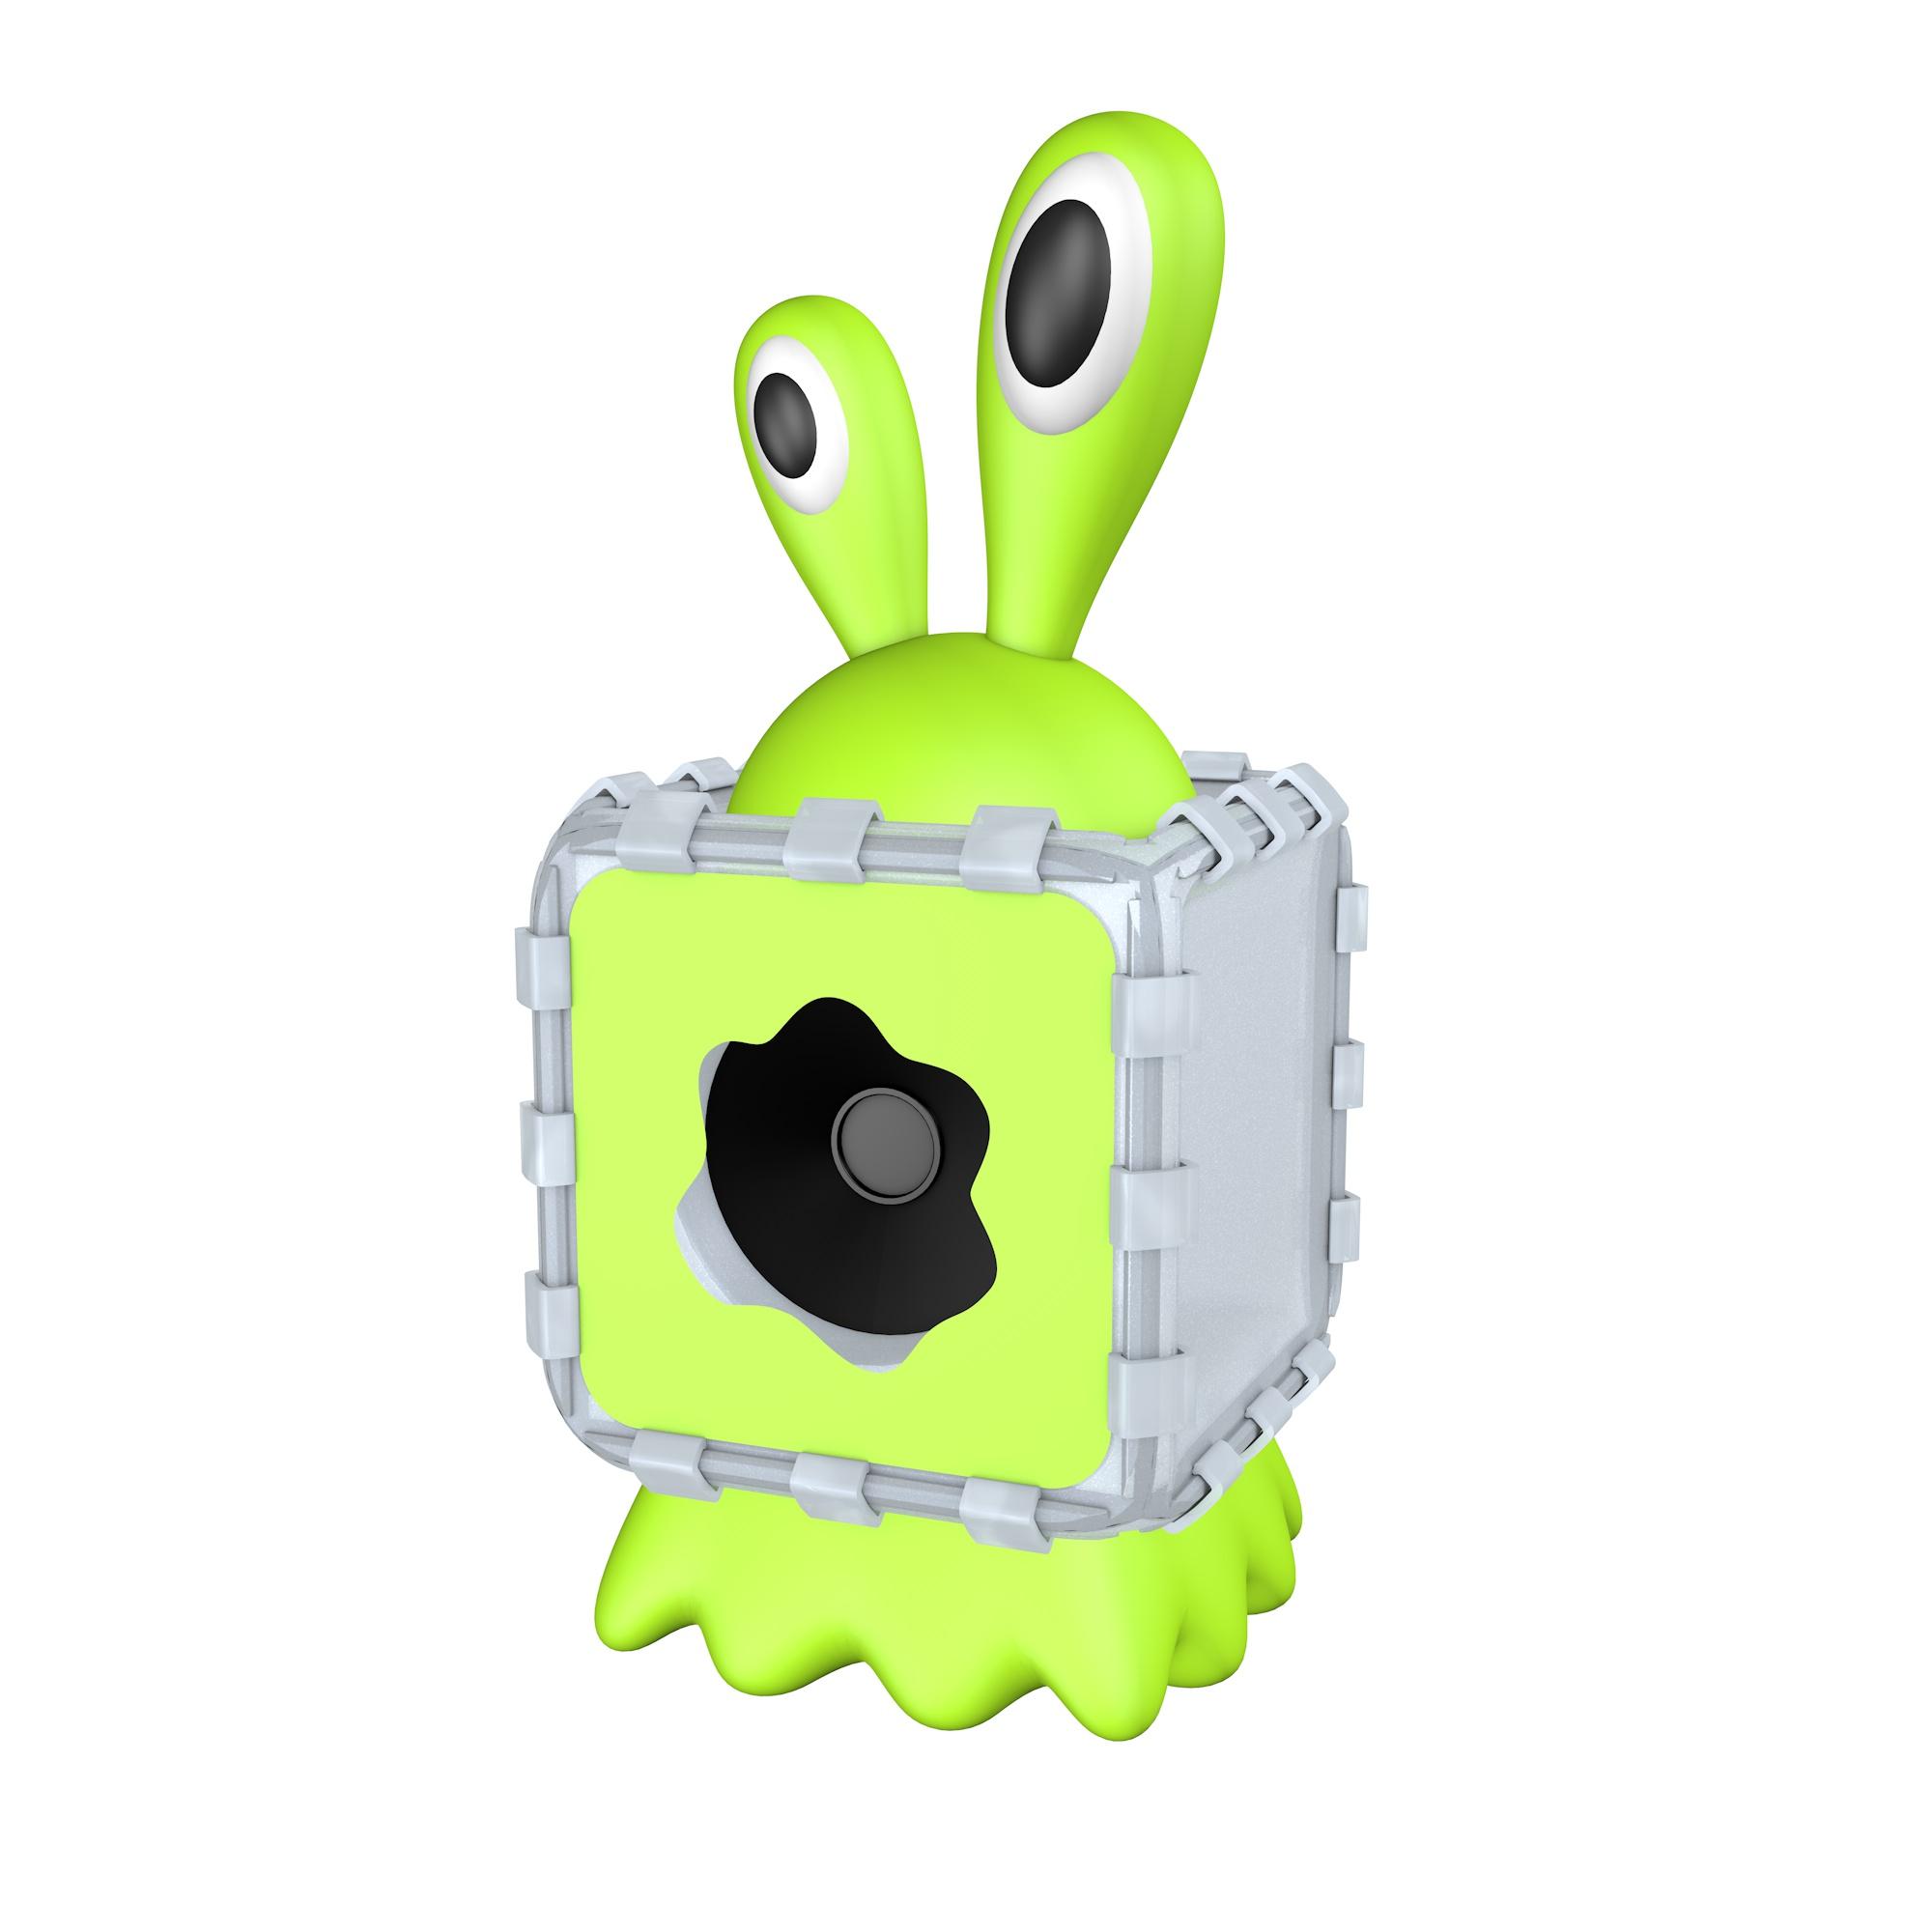 Bose Build Alien